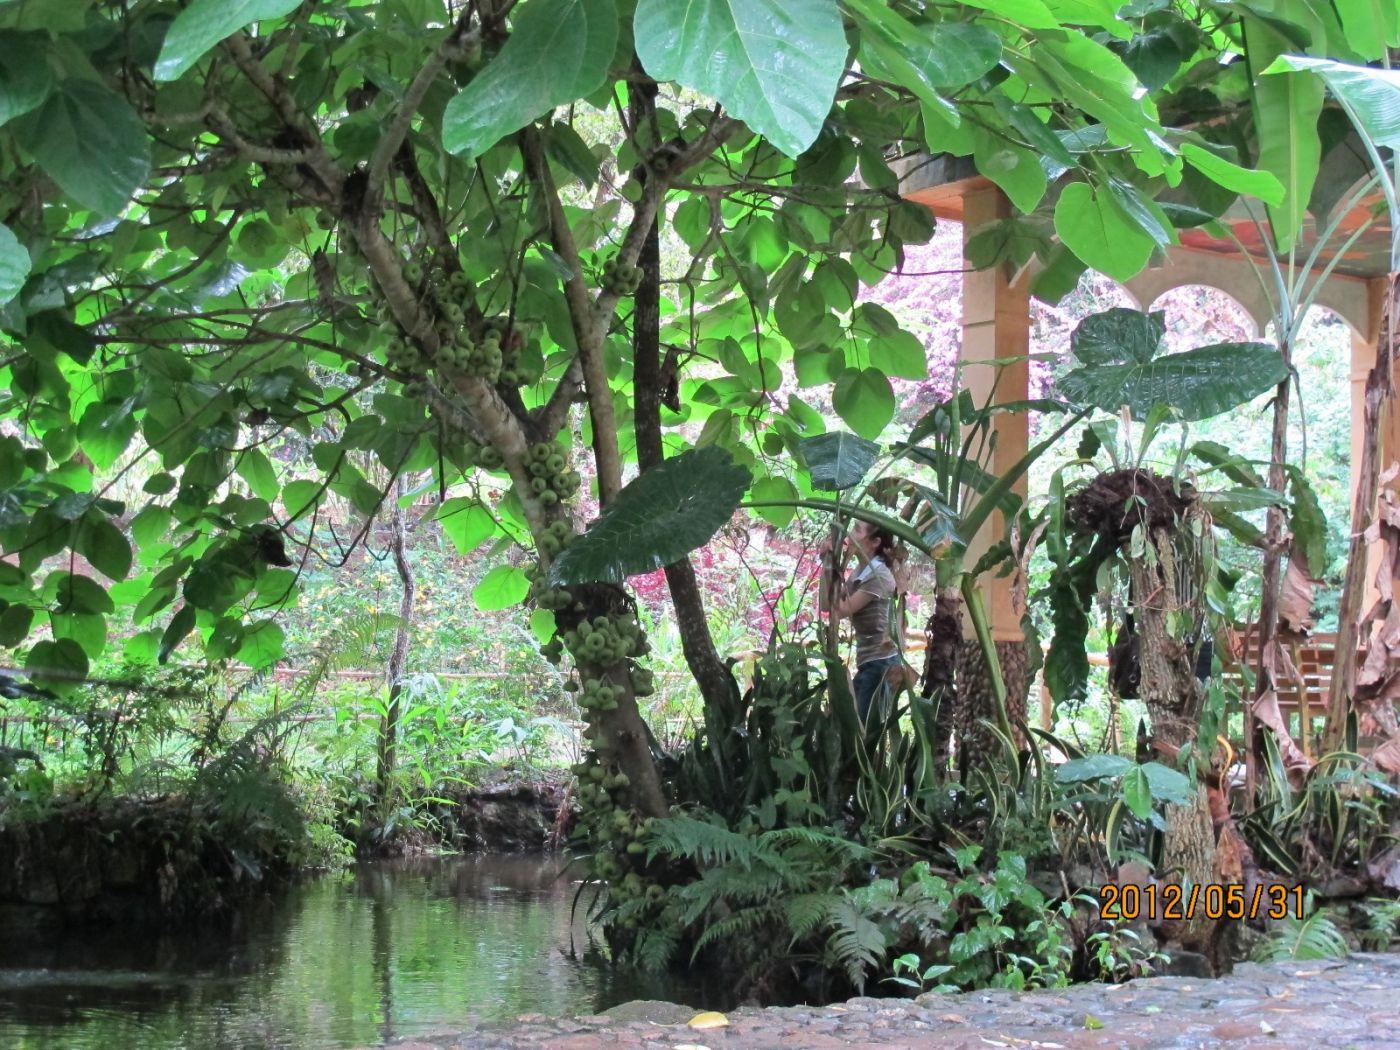 莫里热带雨林_图1-5